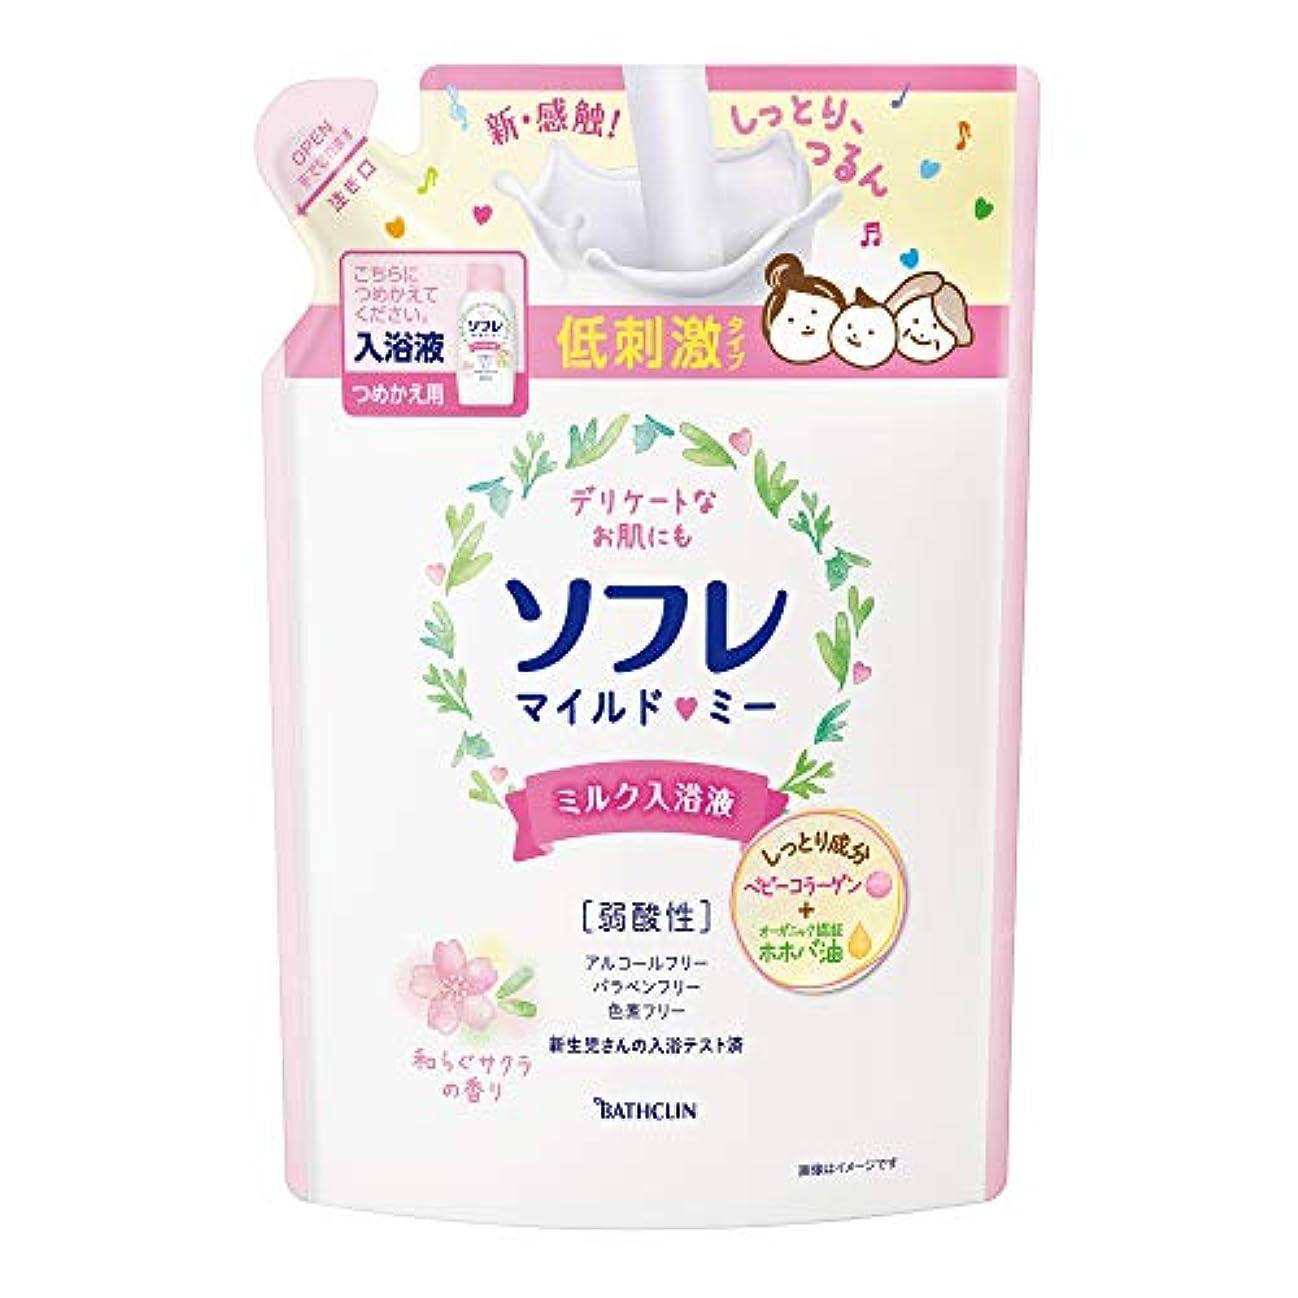 構築する突進慰めバスクリン ソフレ入浴液 マイルド?ミー ミルク 和らぐサクラの香り つめかえ用 600mL保湿 成分配合 赤ちゃんと一緒に使えます。